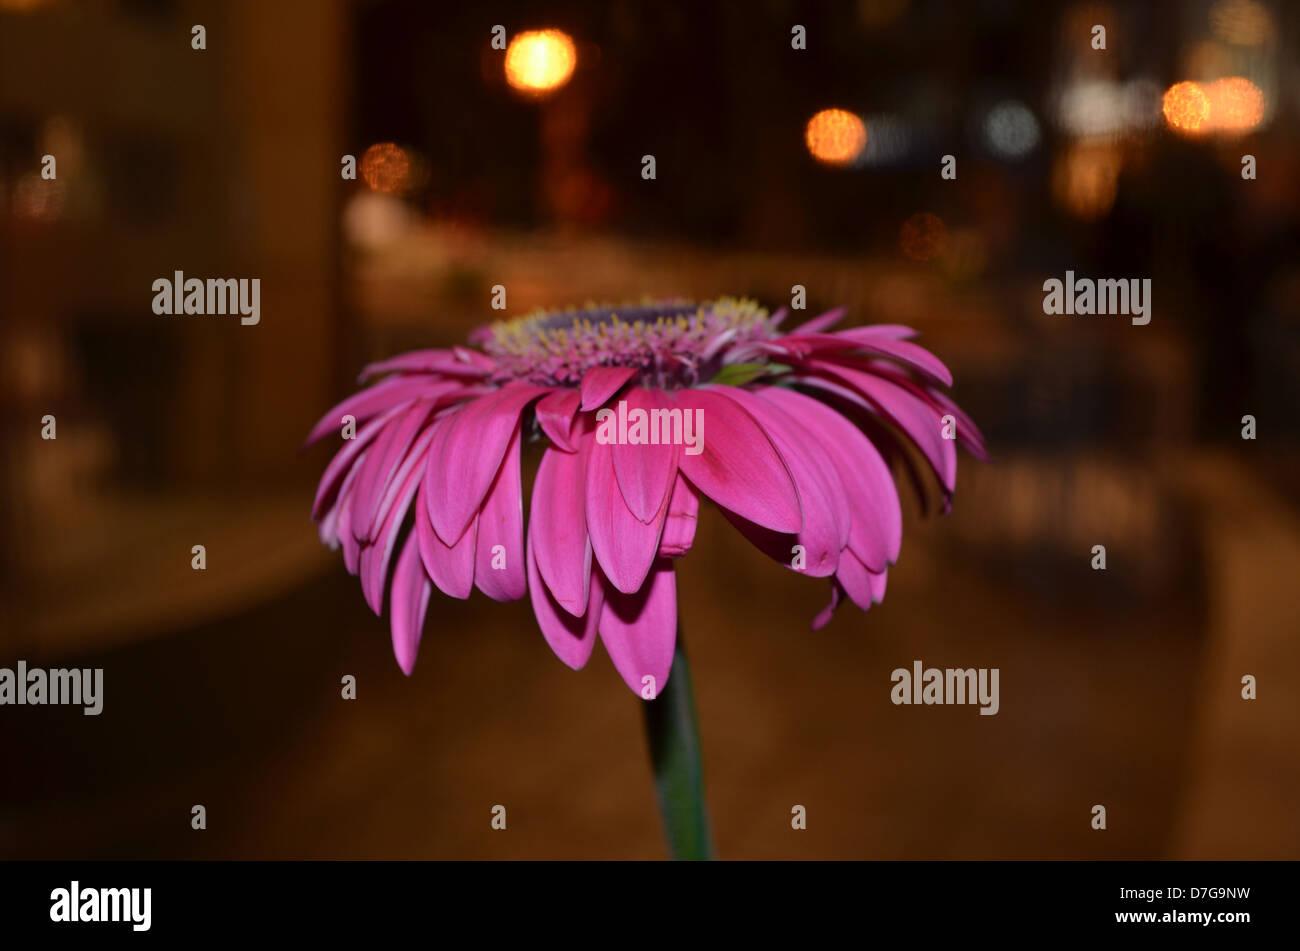 Atene Grecia KIFISSIA bellissimo fiore fucsia Immagini Stock